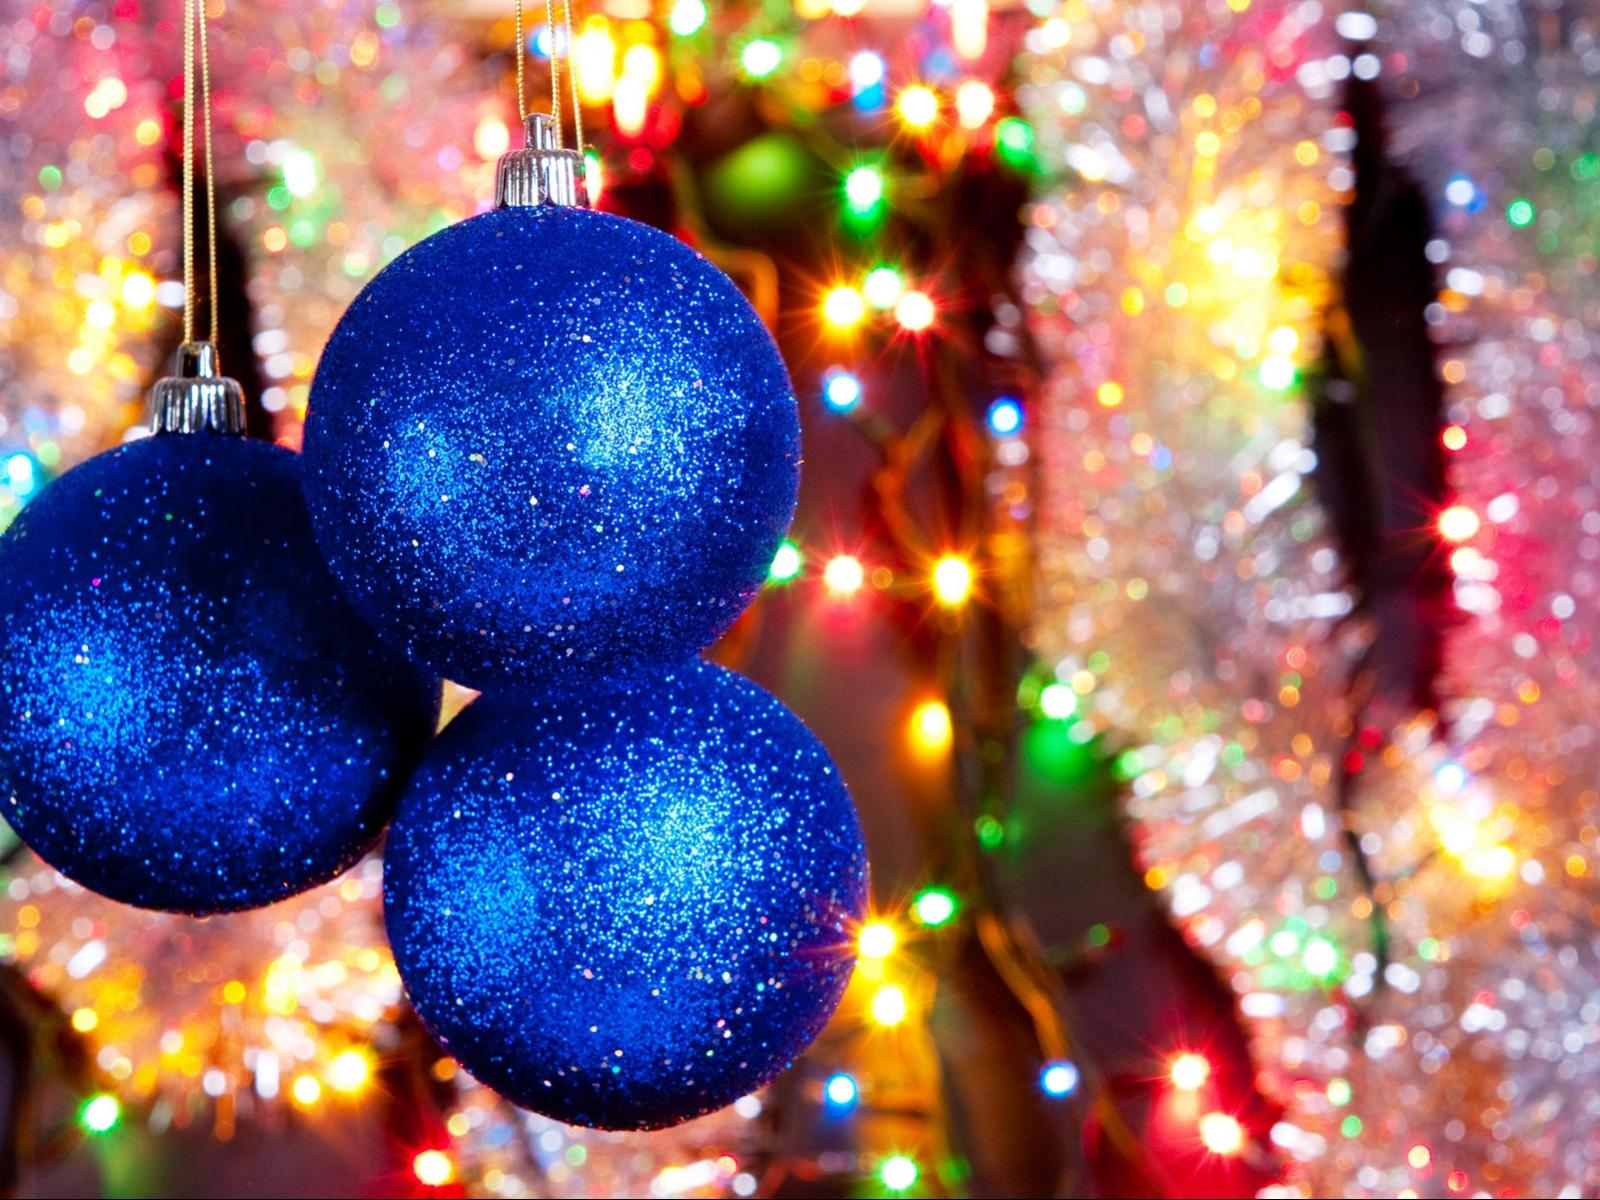 Обои композиция на белом фоне, Красивая рождественская. Новый год foto 7